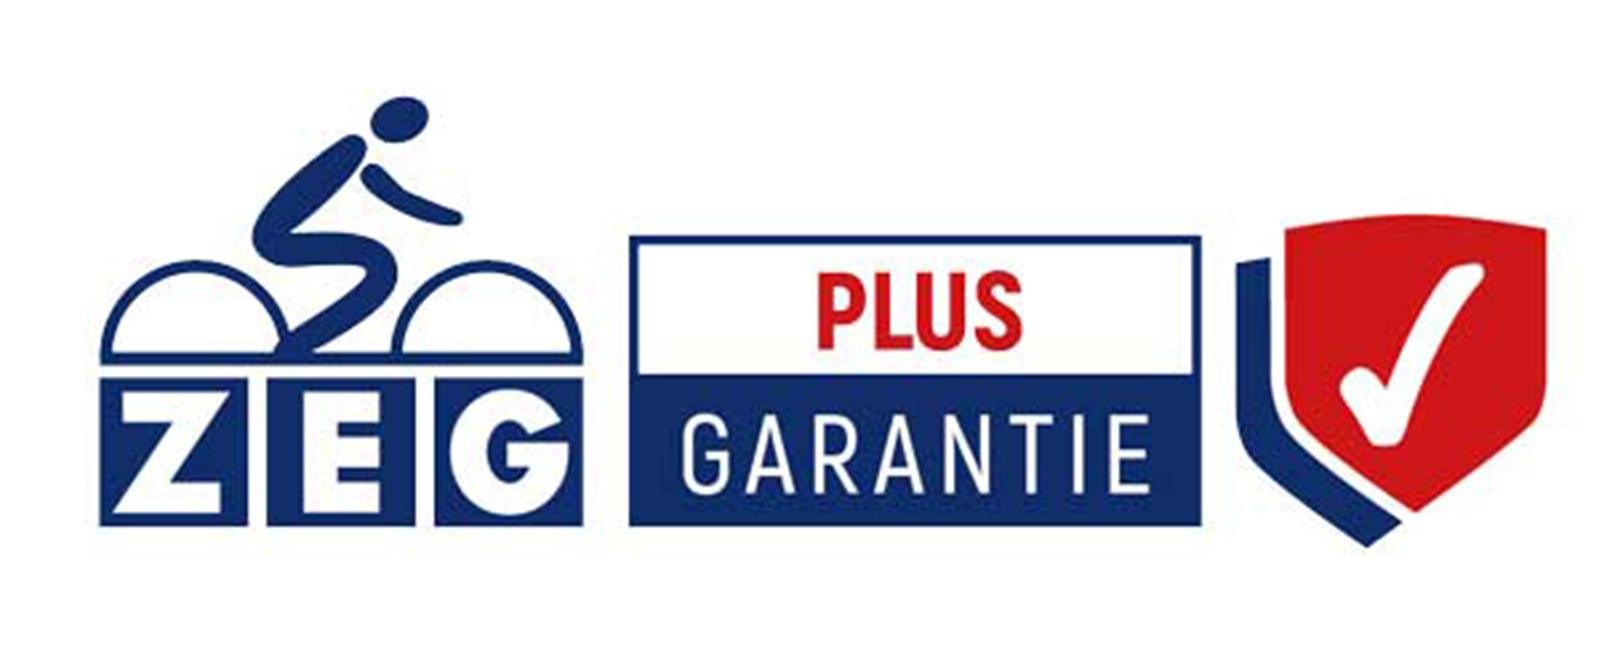 ZEG Plus Garantie Banner